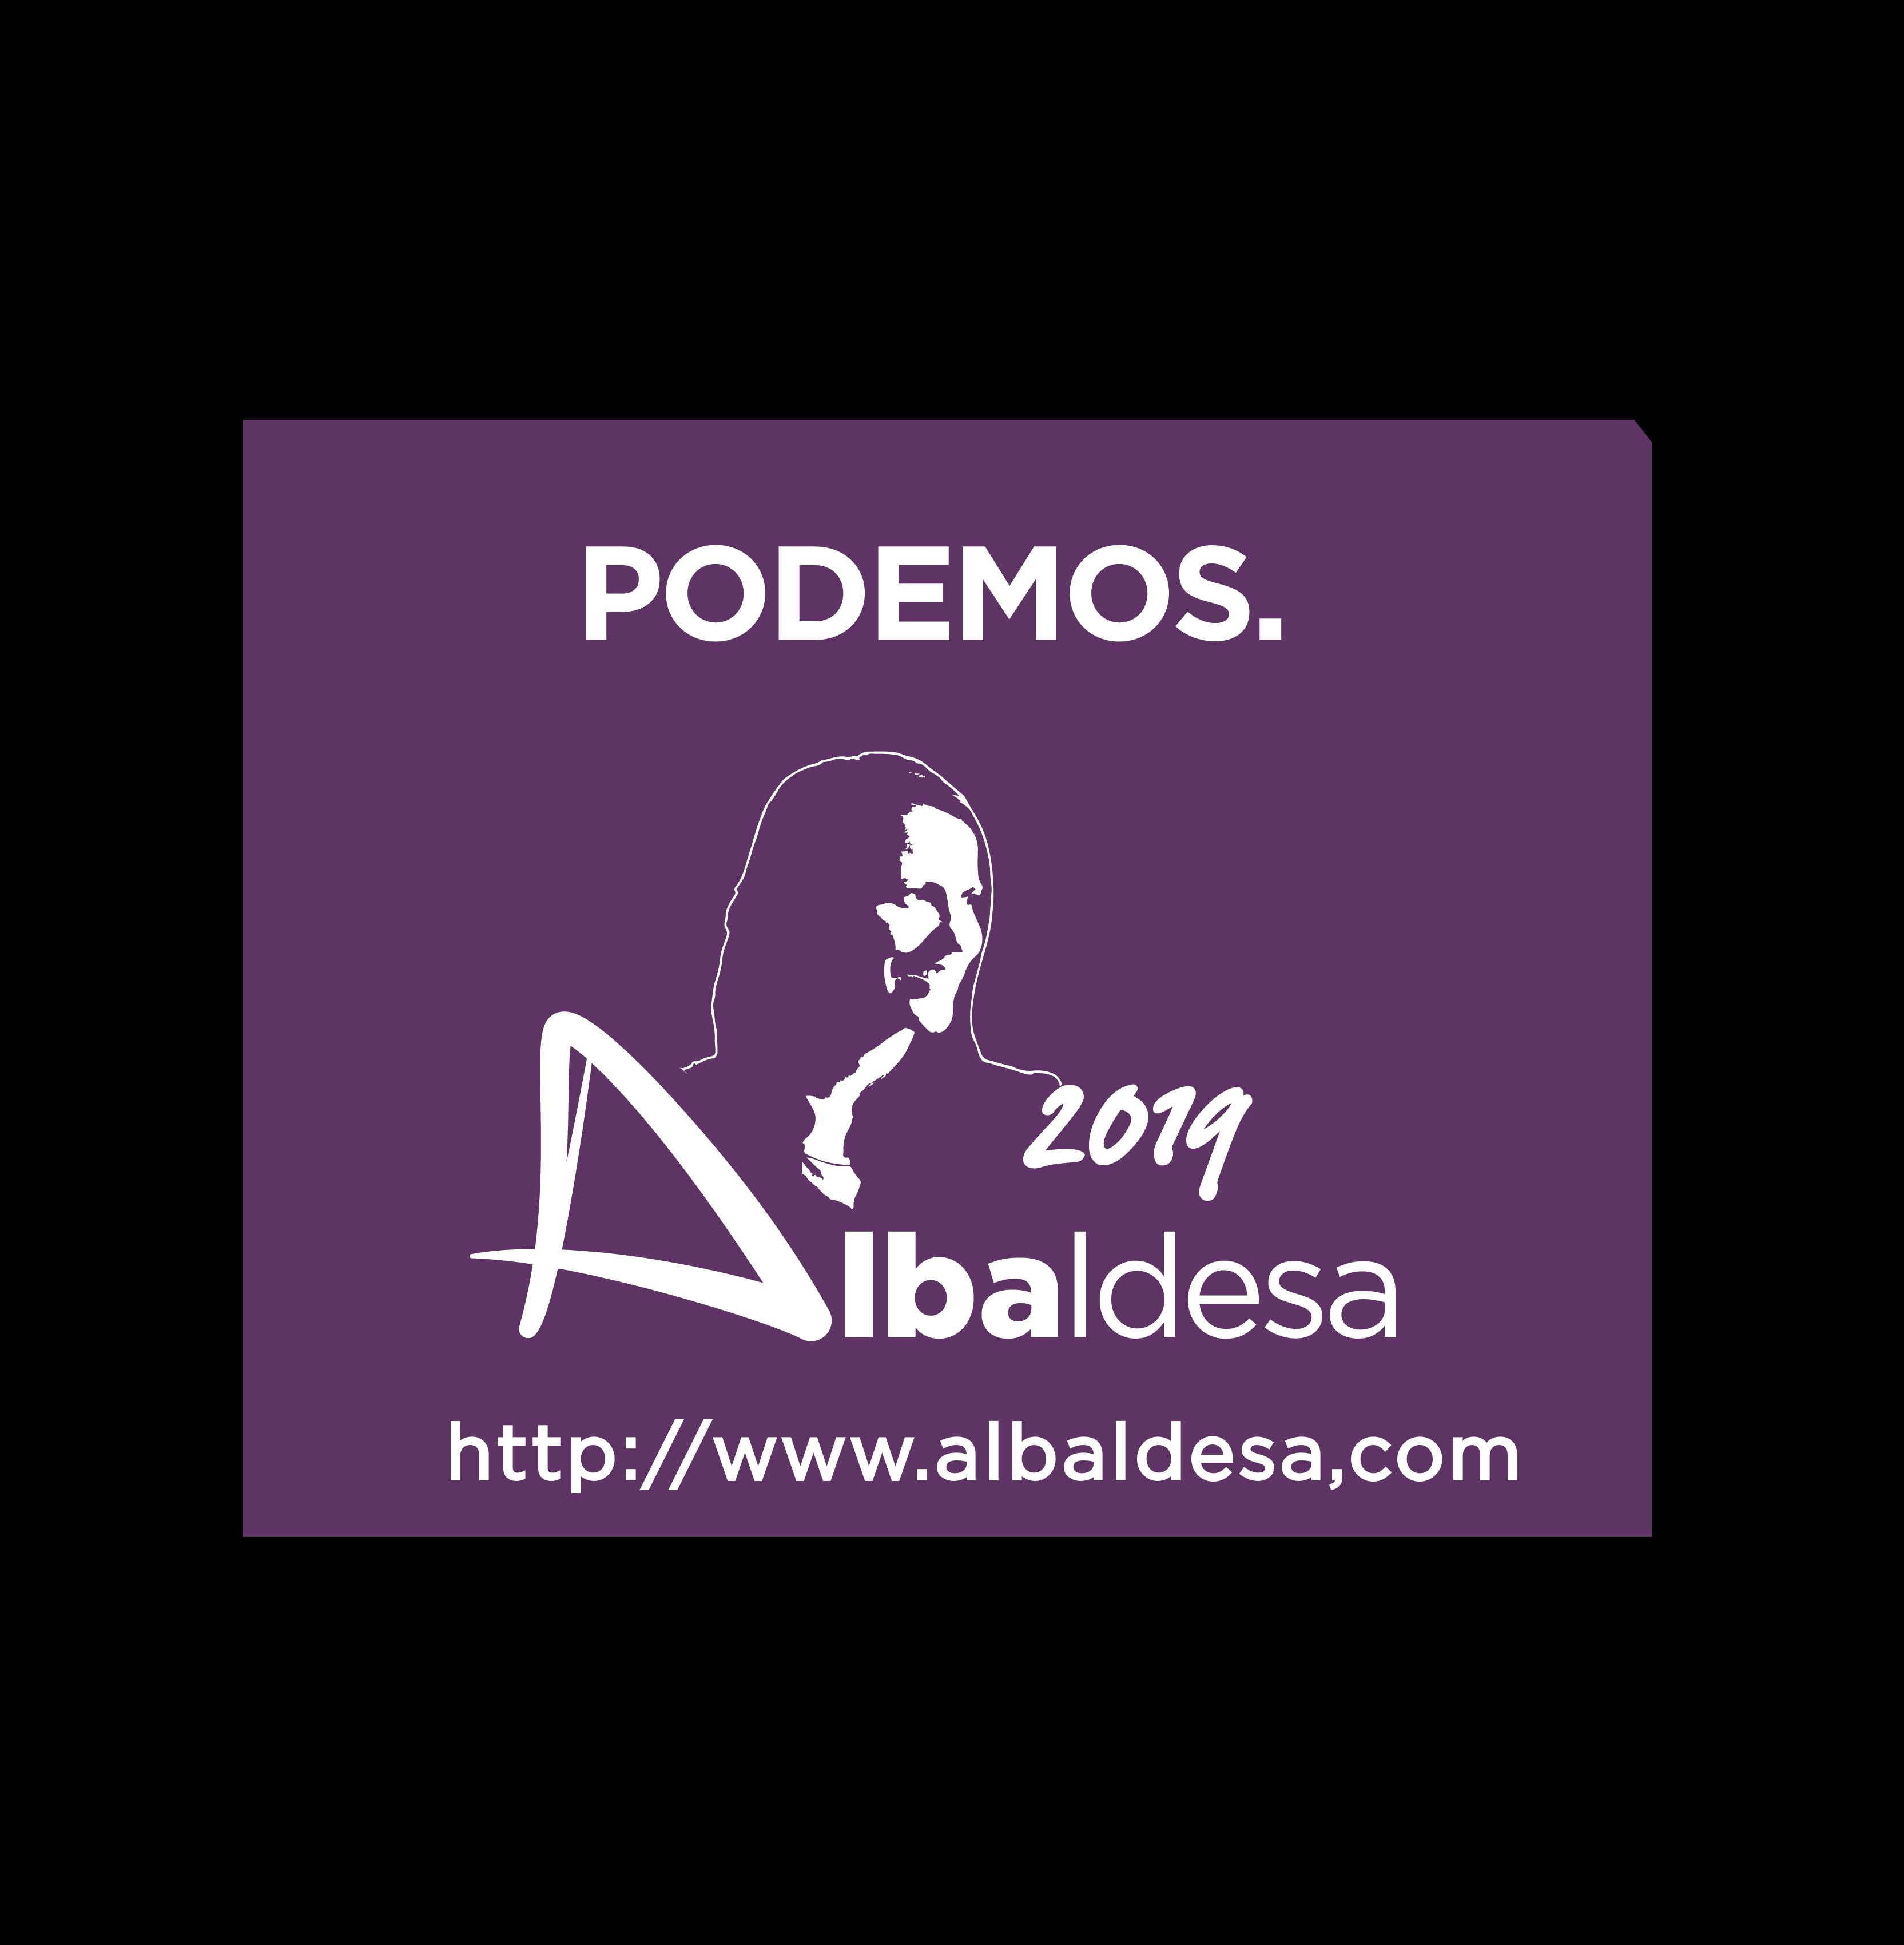 Albaldesa